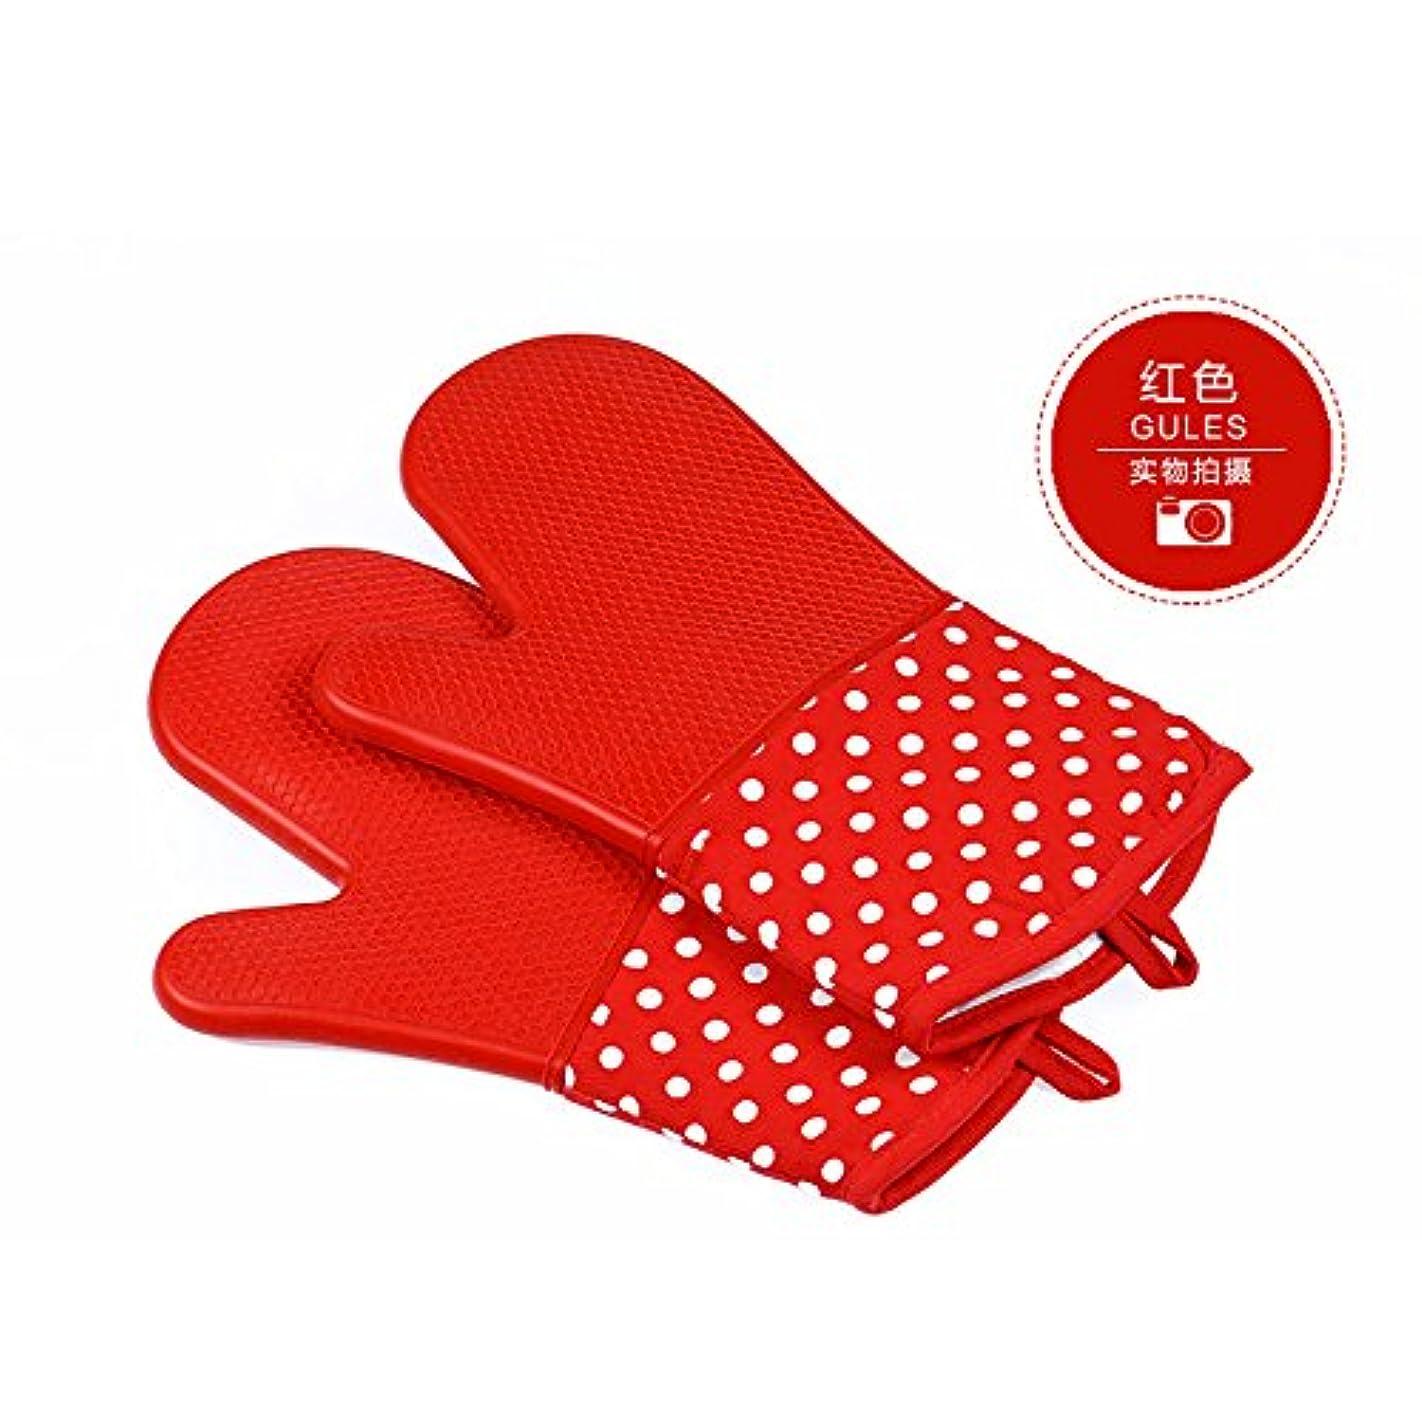 スーダンわざわざ消すJOOP【2個セット】【シリコンベーキング手袋】【バーベキュー手袋】【キッチン電子レンジの手袋】【オーブン断熱手袋】【300の加熱温度極値】【7色】 (レッド)